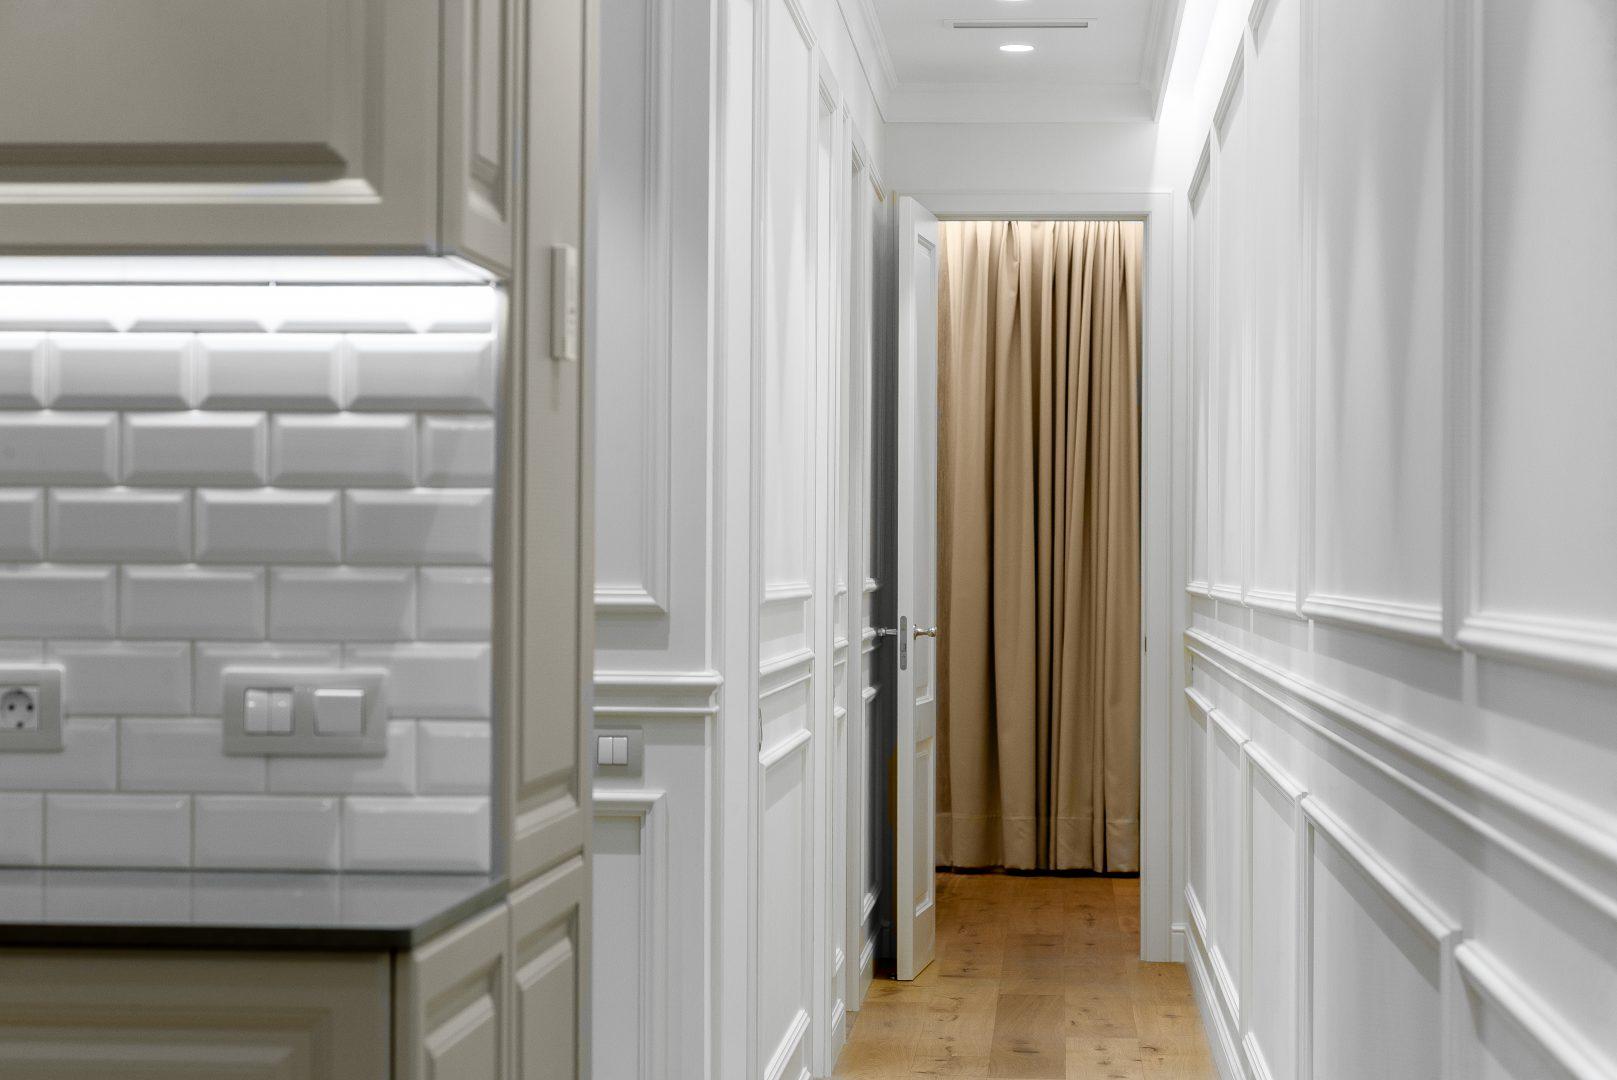 8 Ideas de cómo aprovechar y decorar el pasillo de tu casa